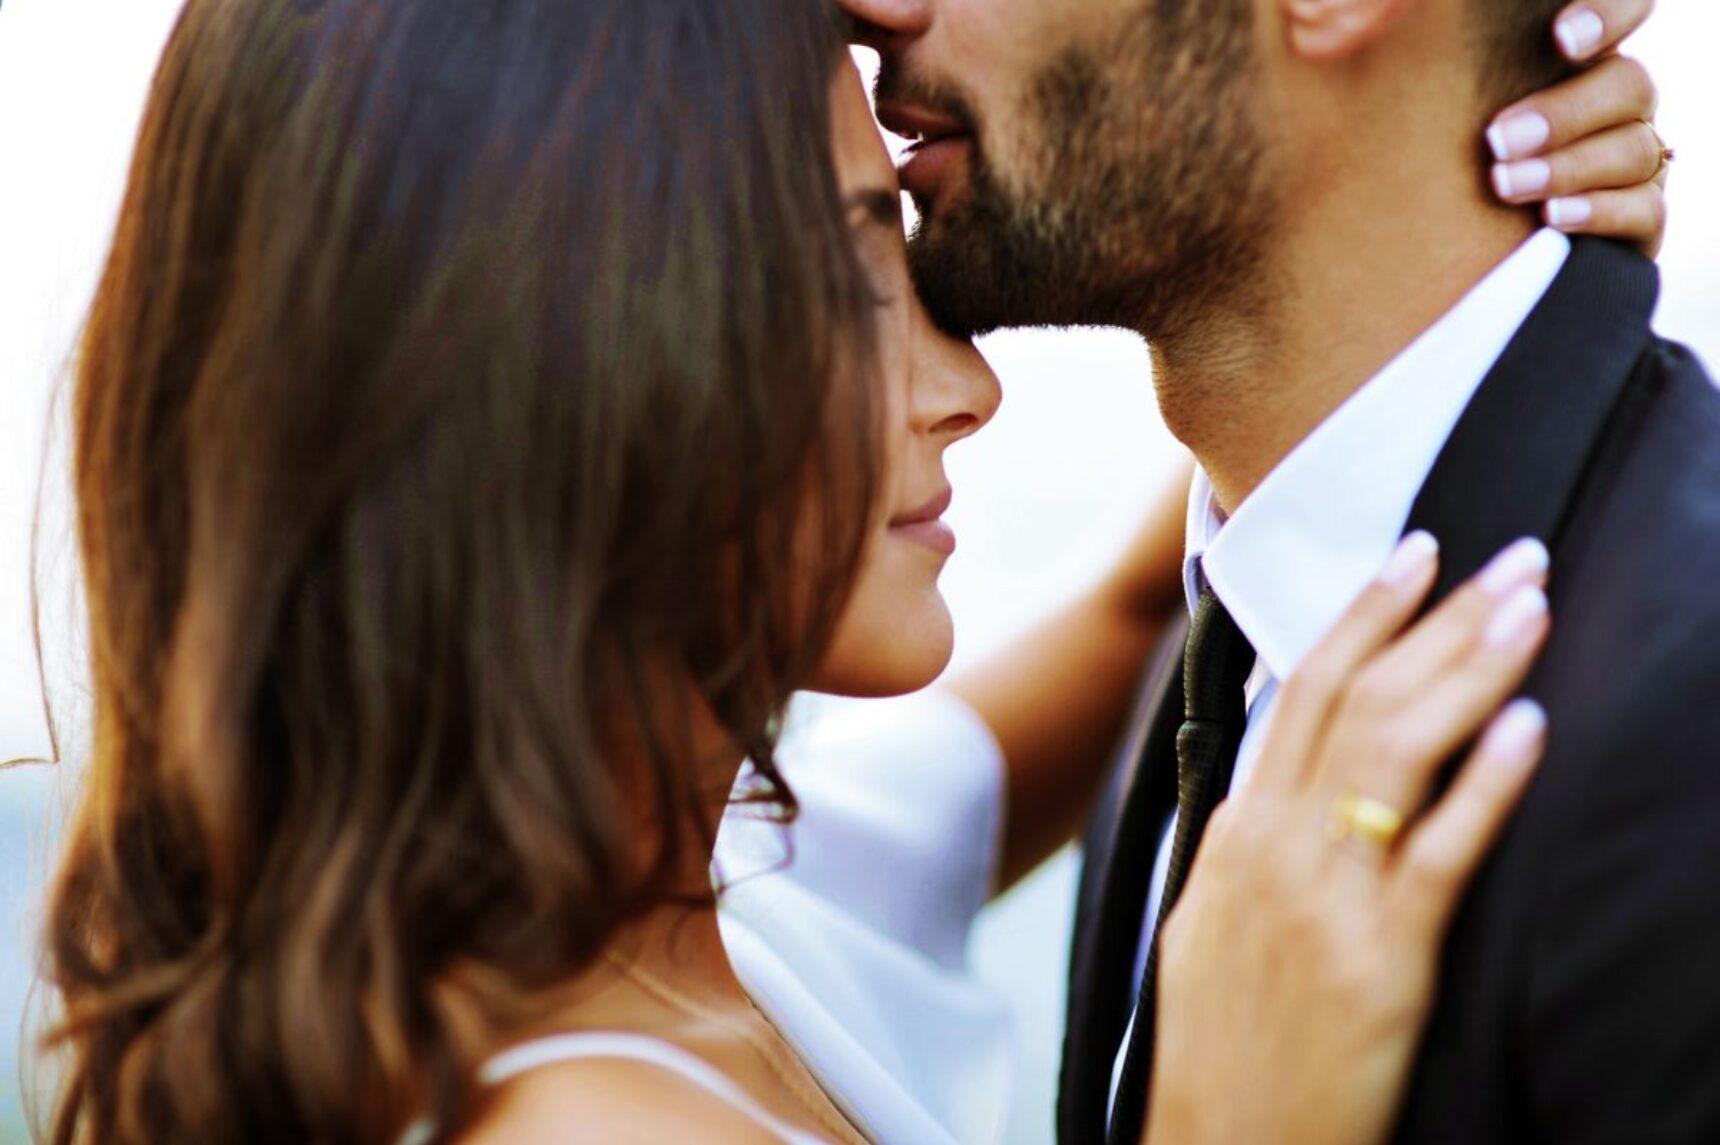 Nauki przedmałżeńskie – kiedy się na nie wybrać i jak wyglądają?